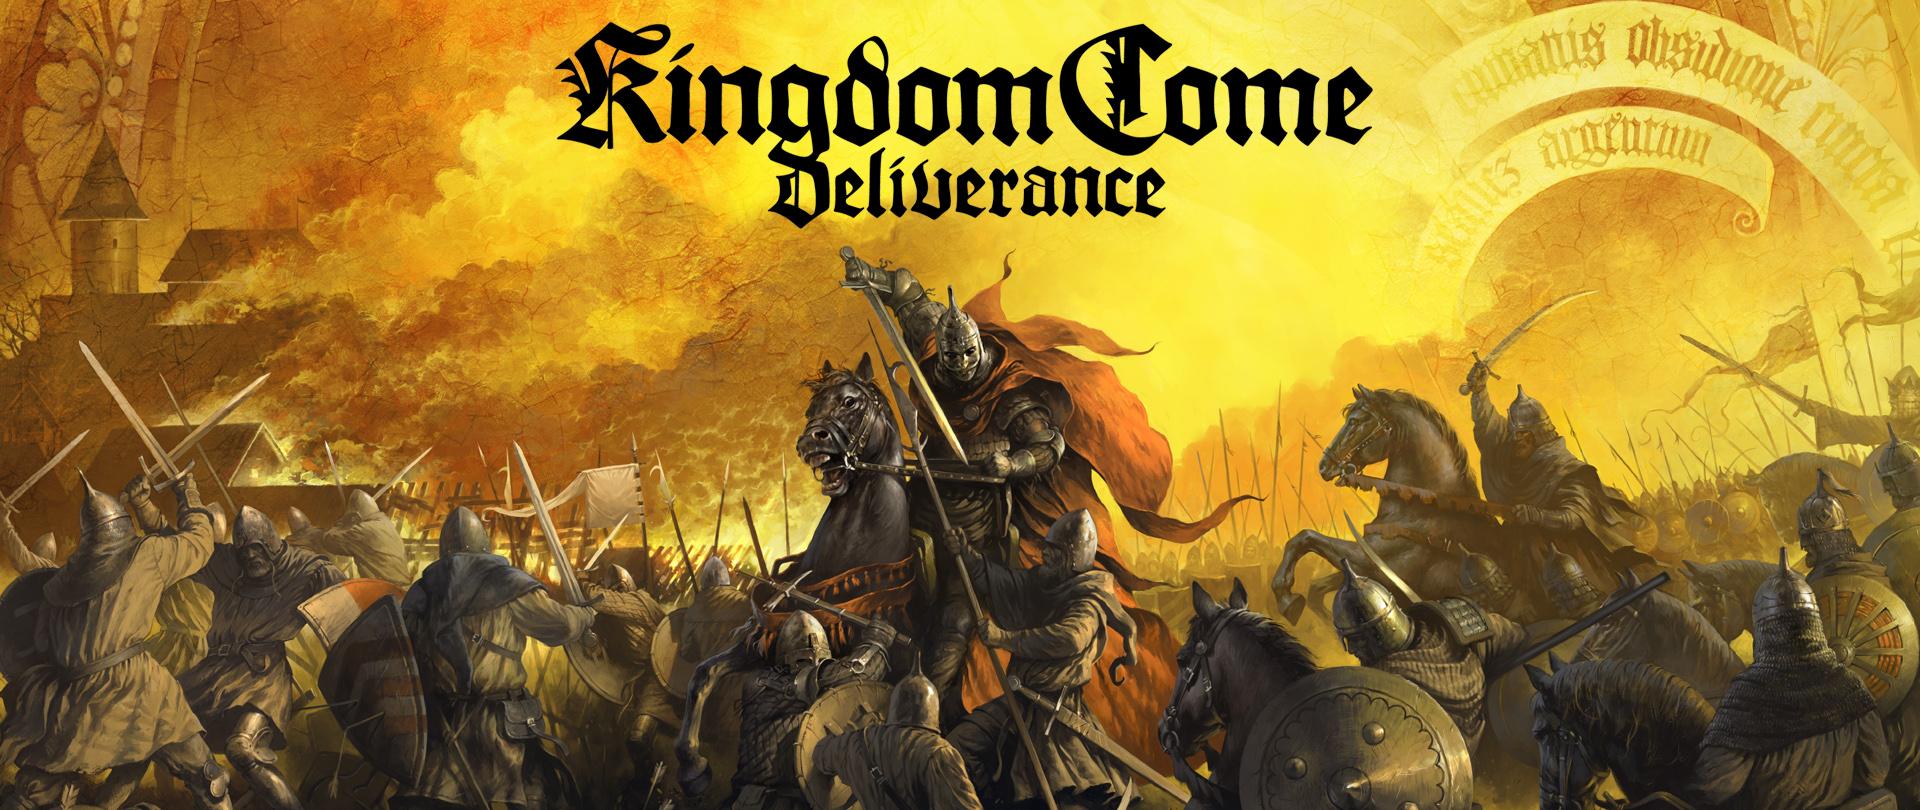 Картинки по запросу kingdom come deliverance